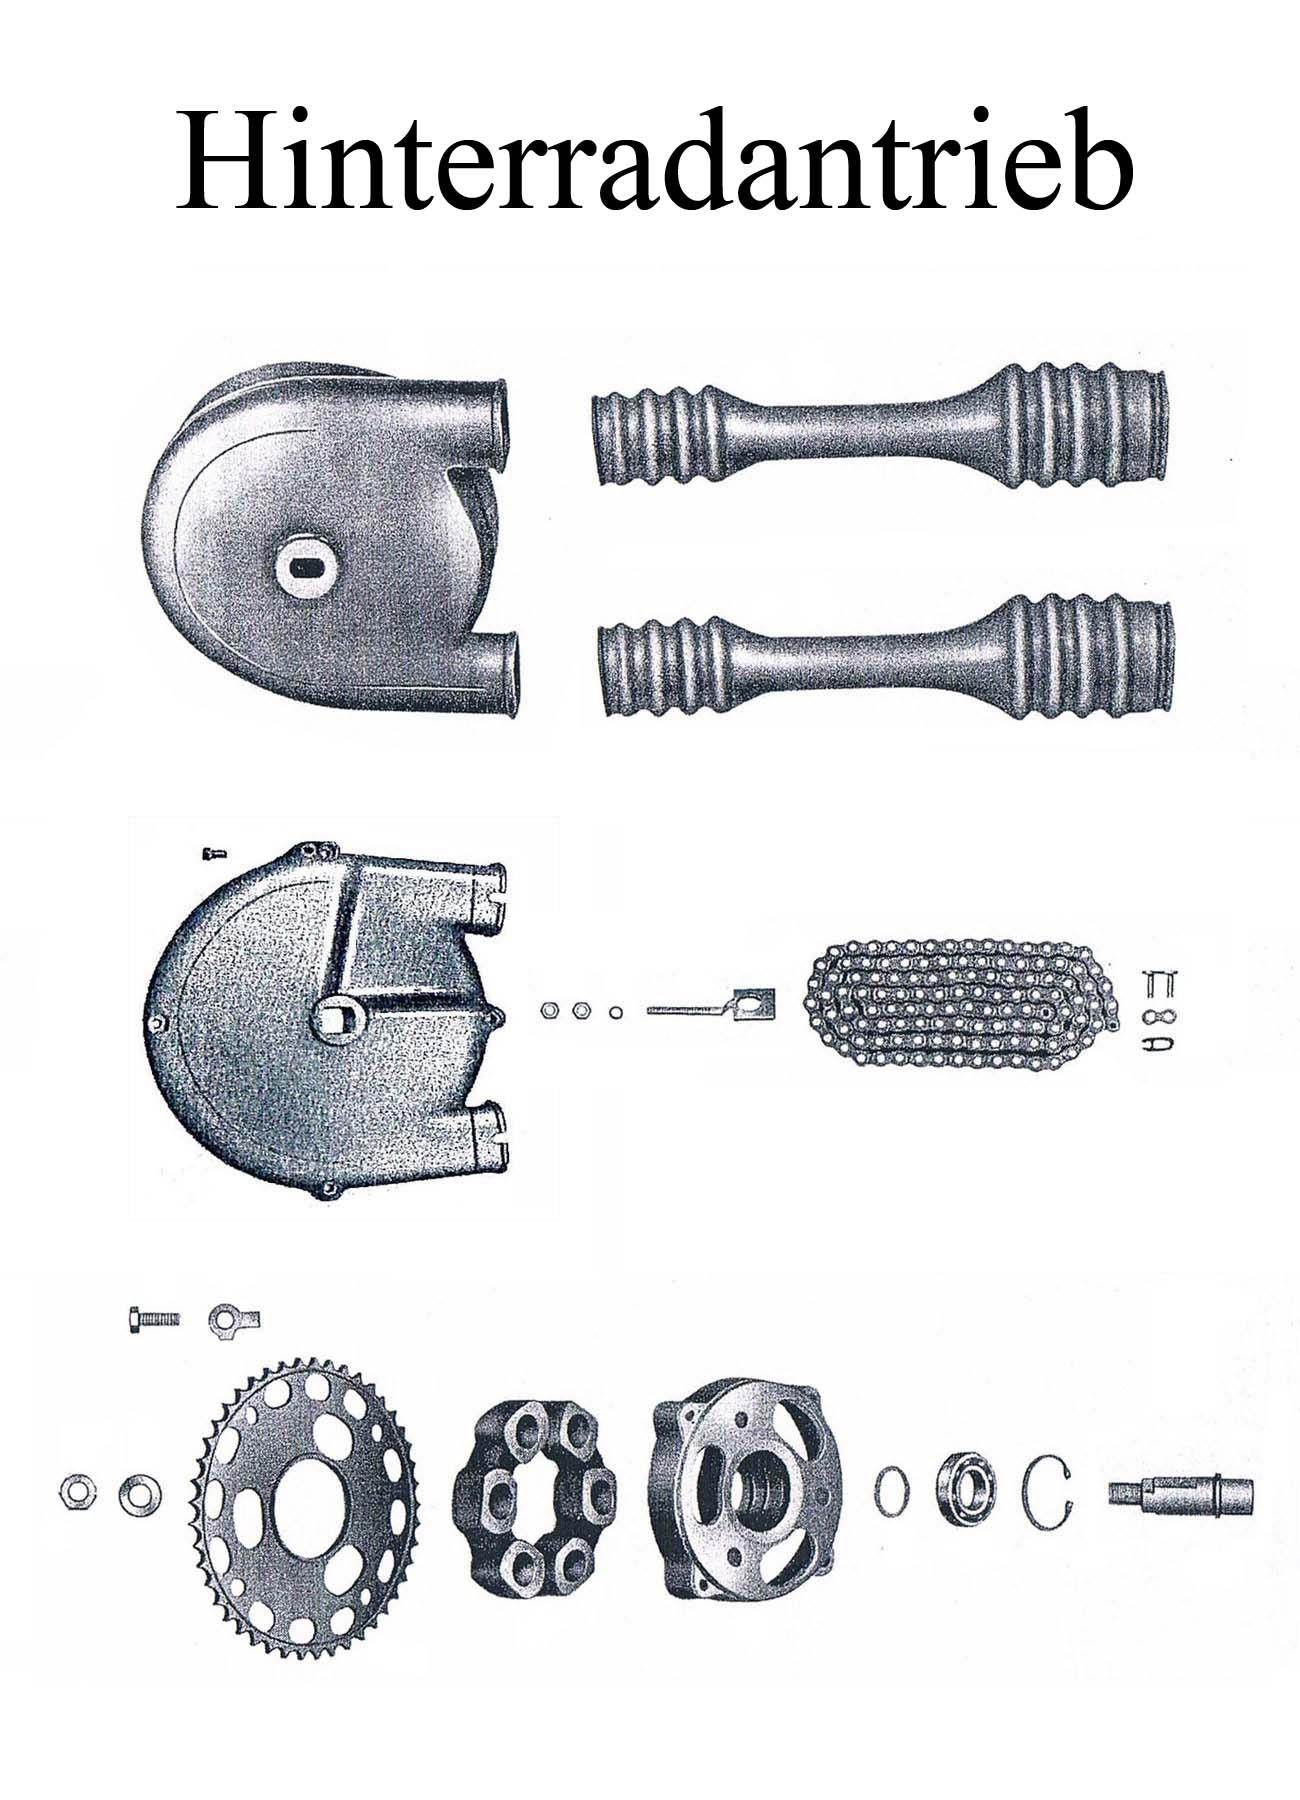 MZ ES 175-250/0-1 Ersatzteileliste Hinterradantrieb Kettenkasten Kettenschlauch Schläuche Schloß Kettenrad Zahnkranz Mitnehmergummi